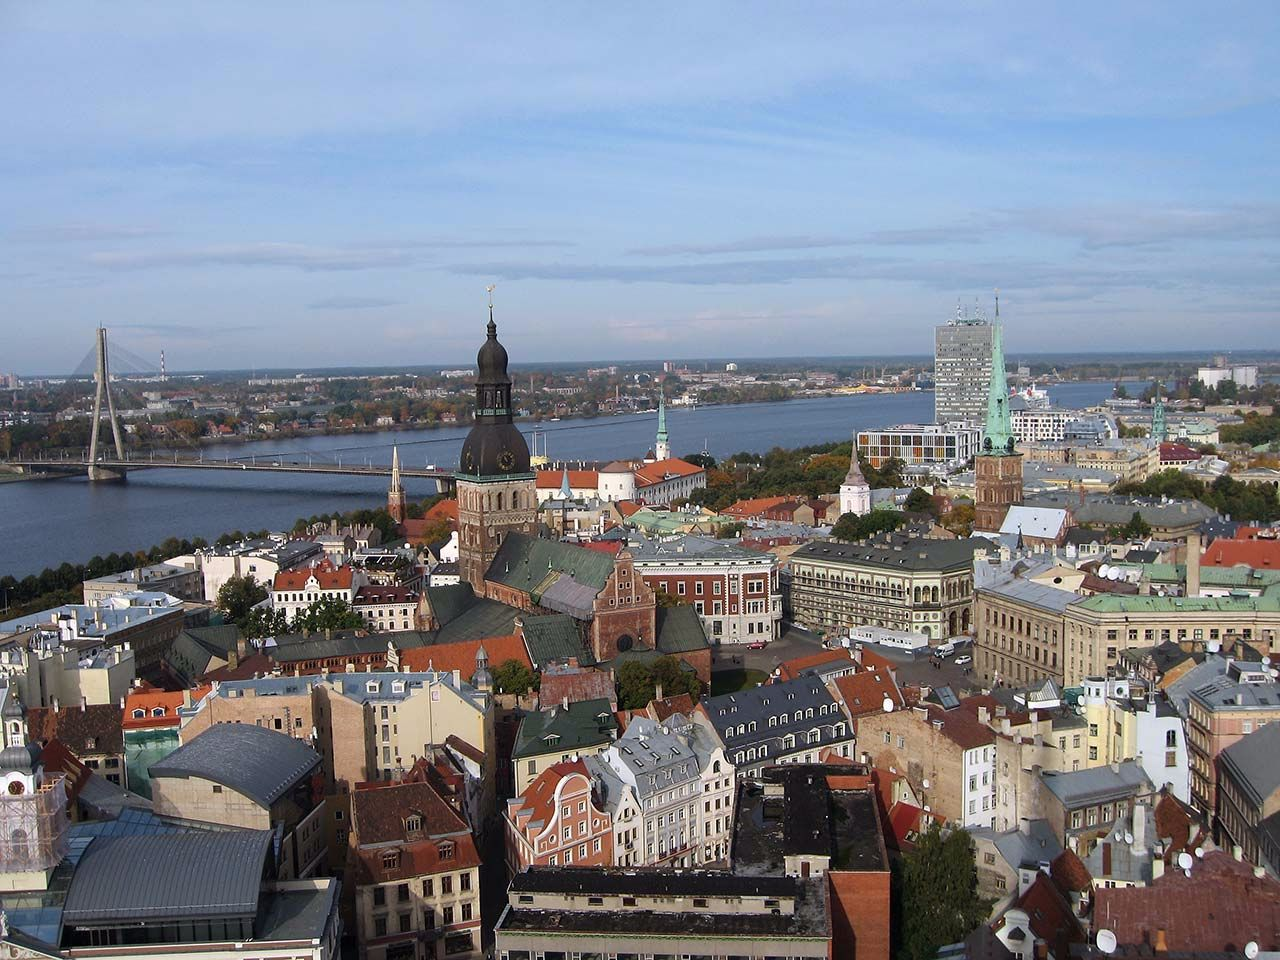 Stadtansicht von Riga, Lettland. Bild: Ventus Reisen